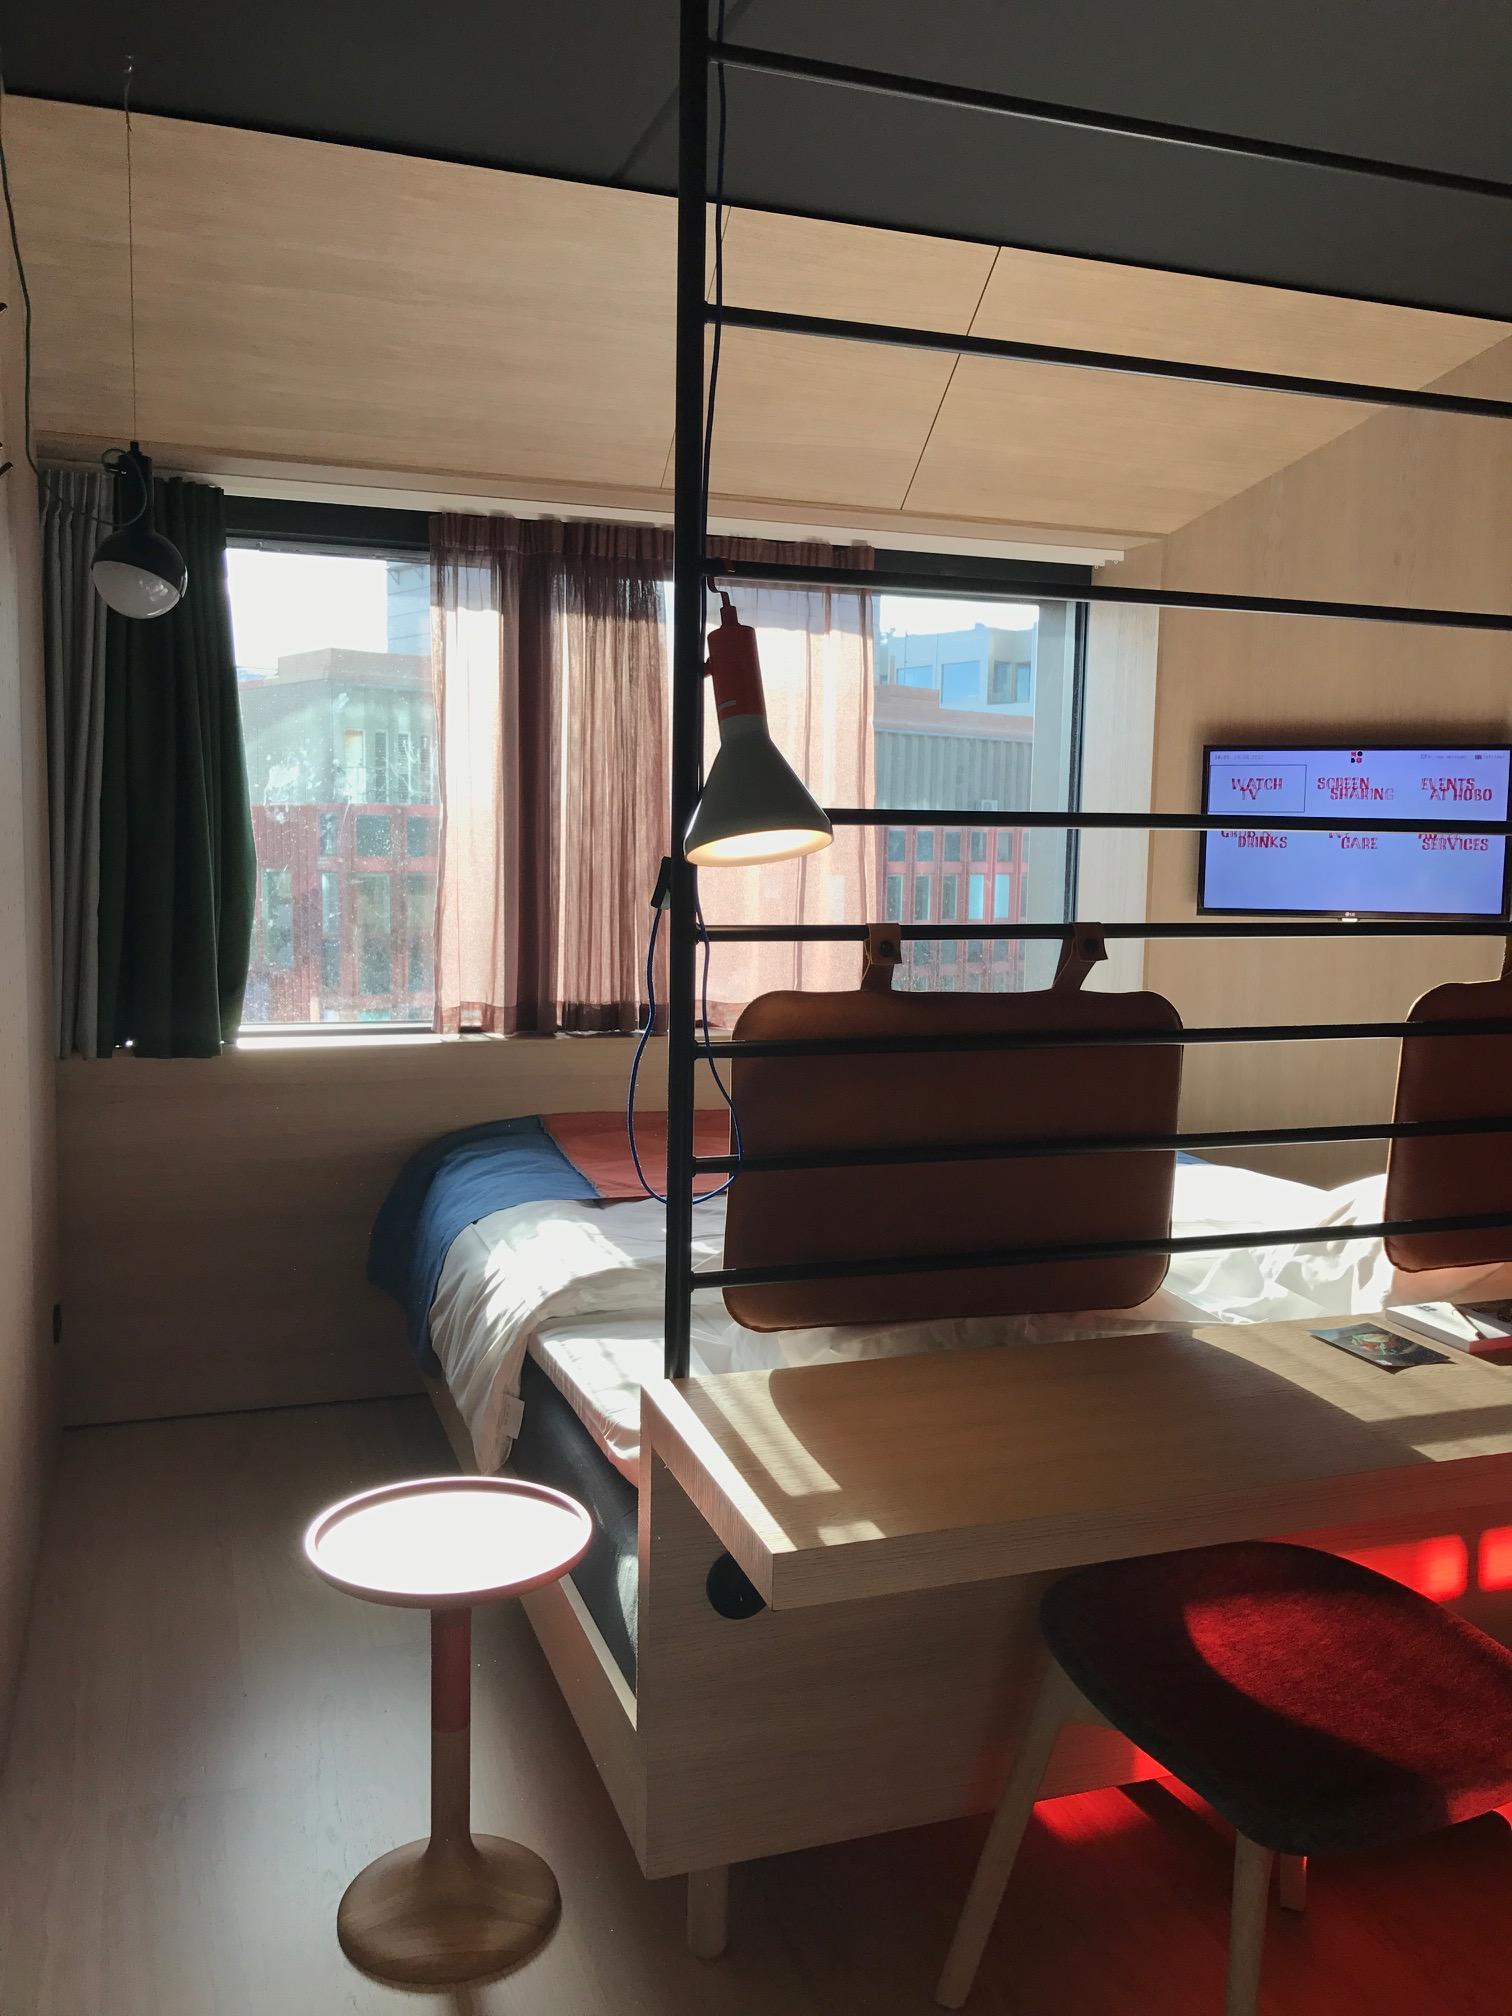 Modernes Schlafzimmer Bilder Amp Ideen Couchstyle